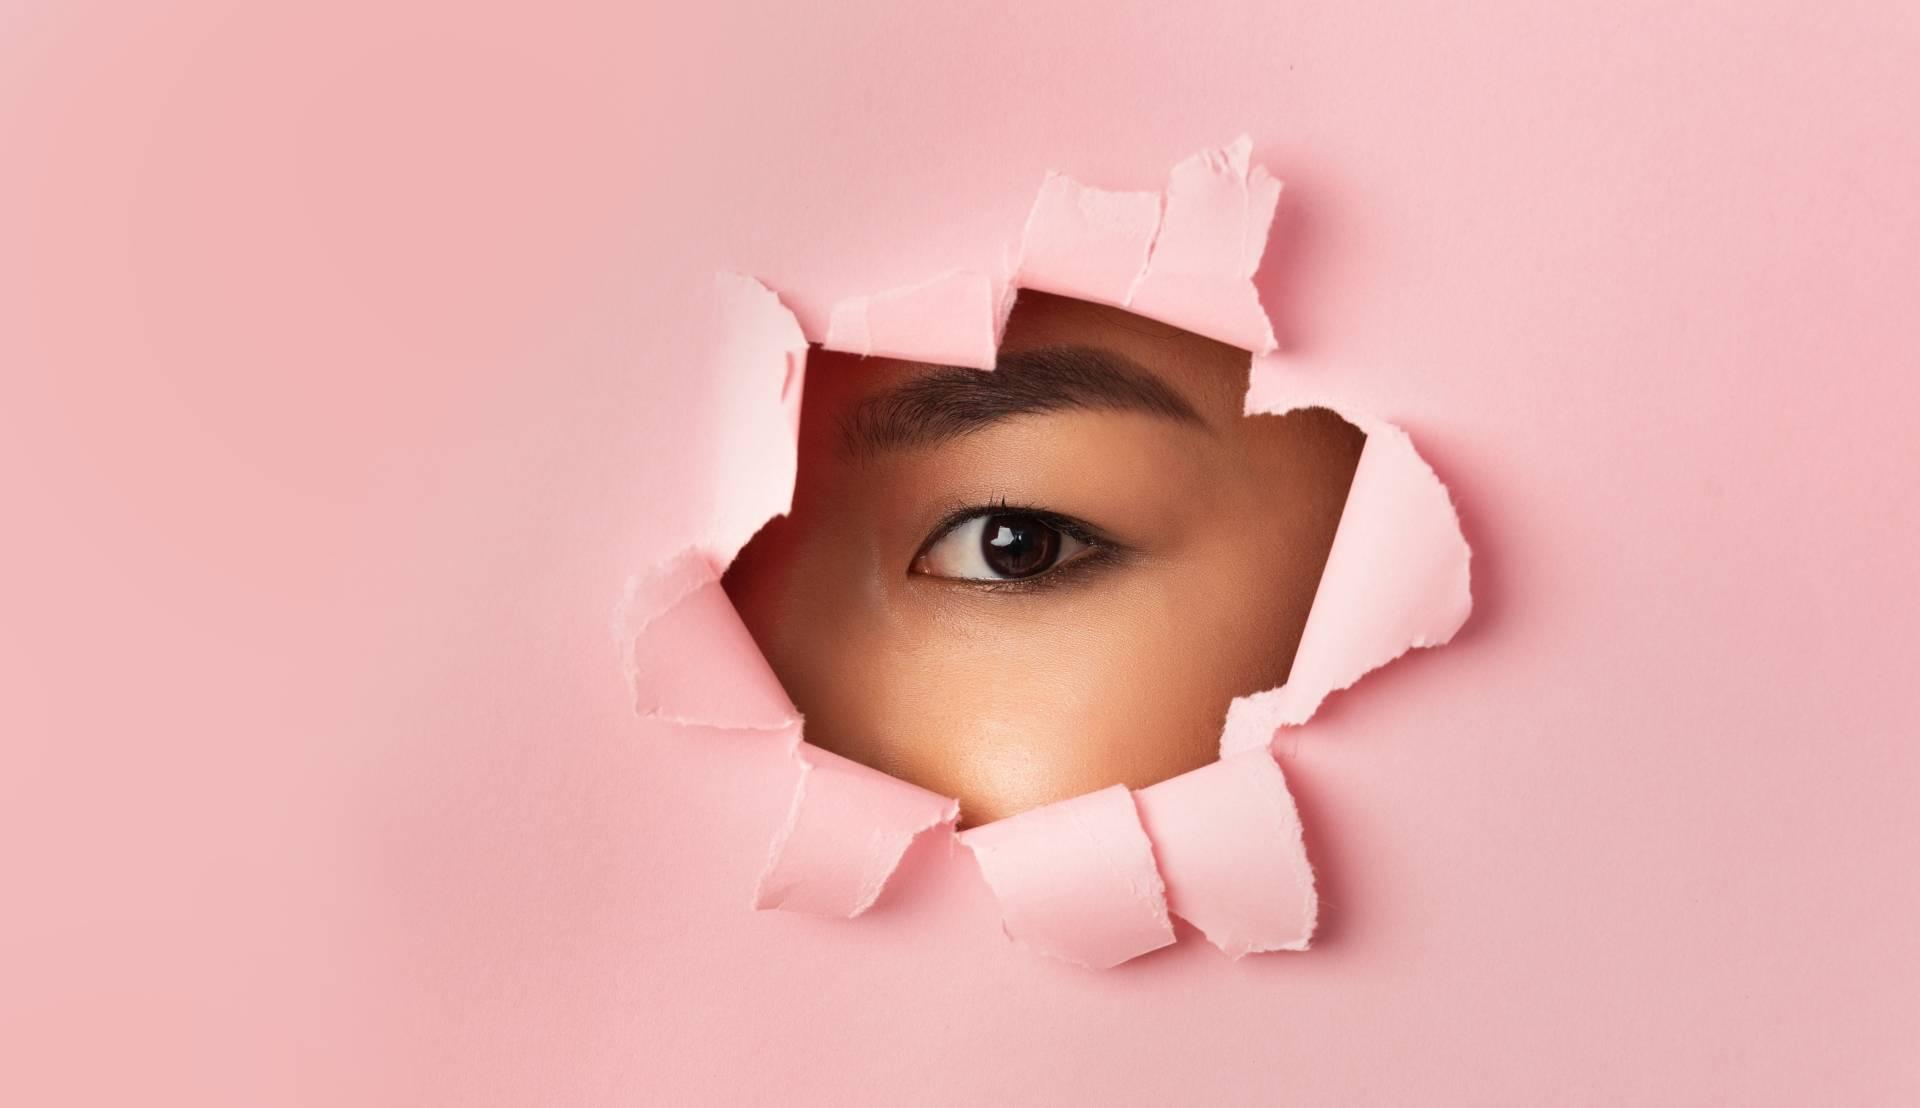 Nunchi - koreański sposób na sukces. Azjatka wygląda jednym okiem przez dziurę w różowej ścianie.